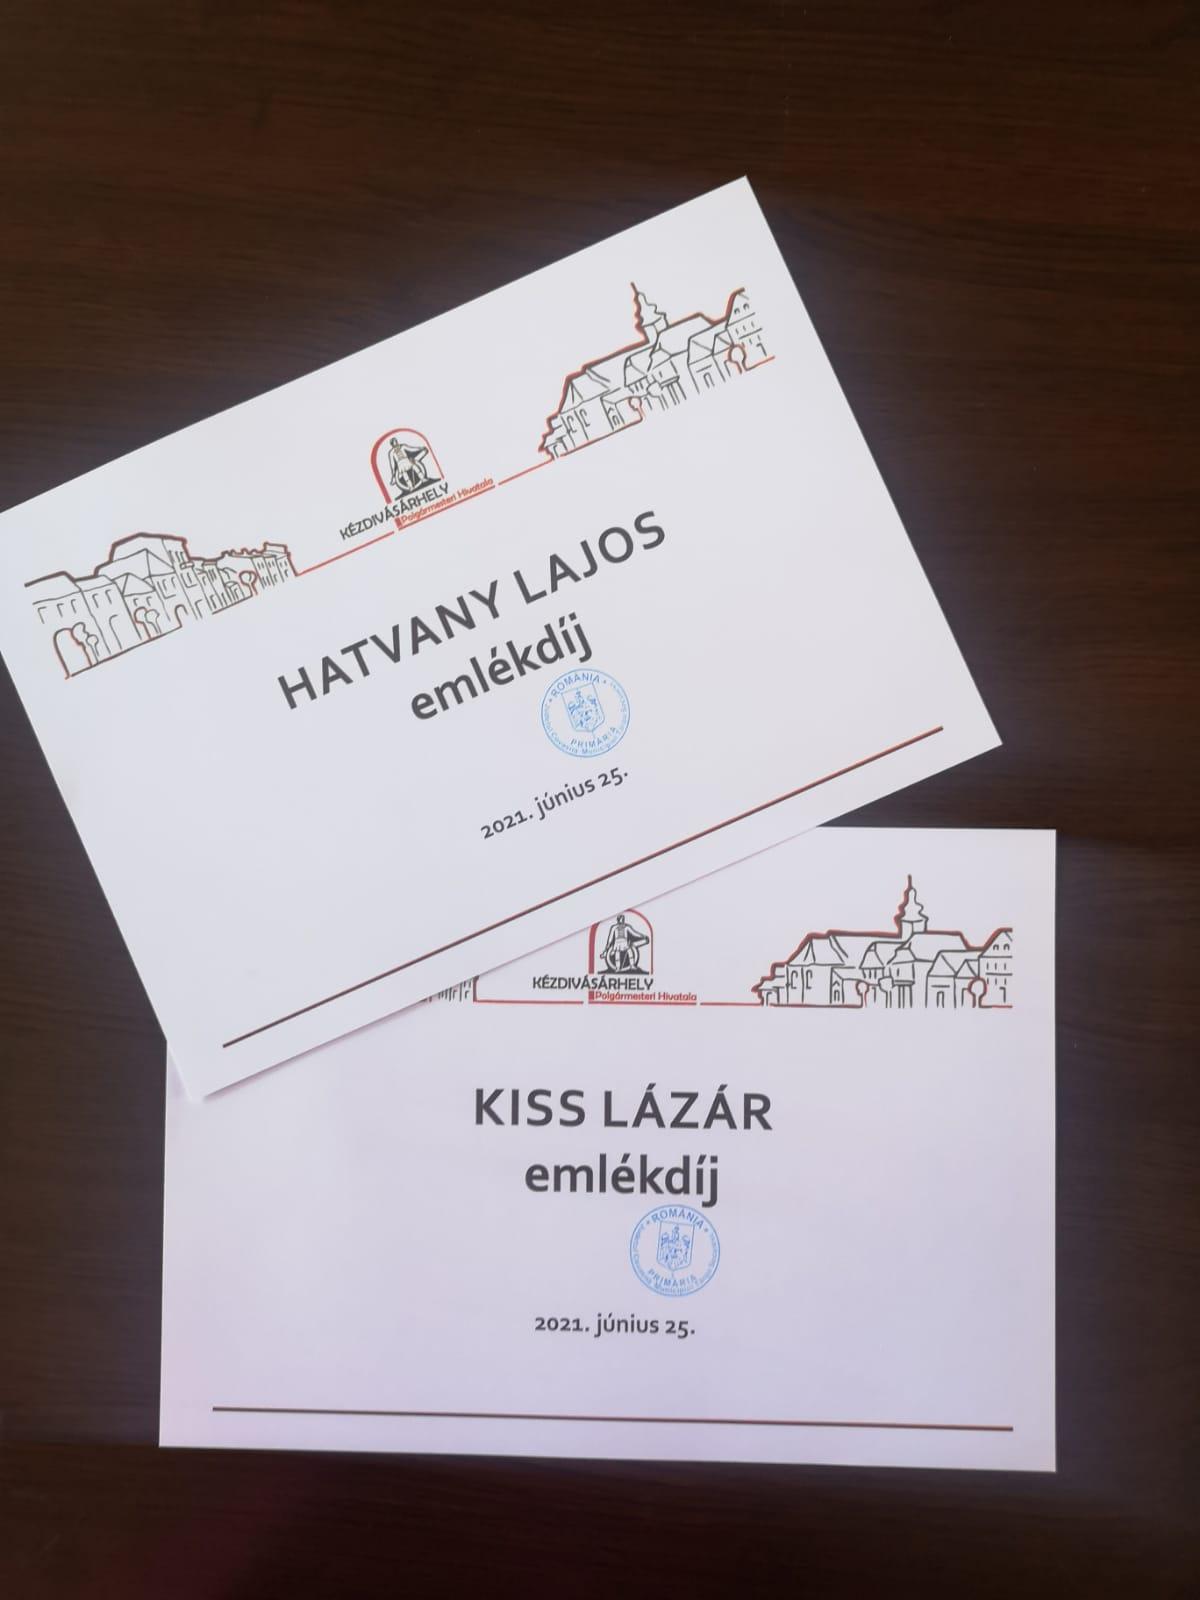 Odaítélték a Kiss Lázár- és Hatvany Lajos-emlékdíjakat